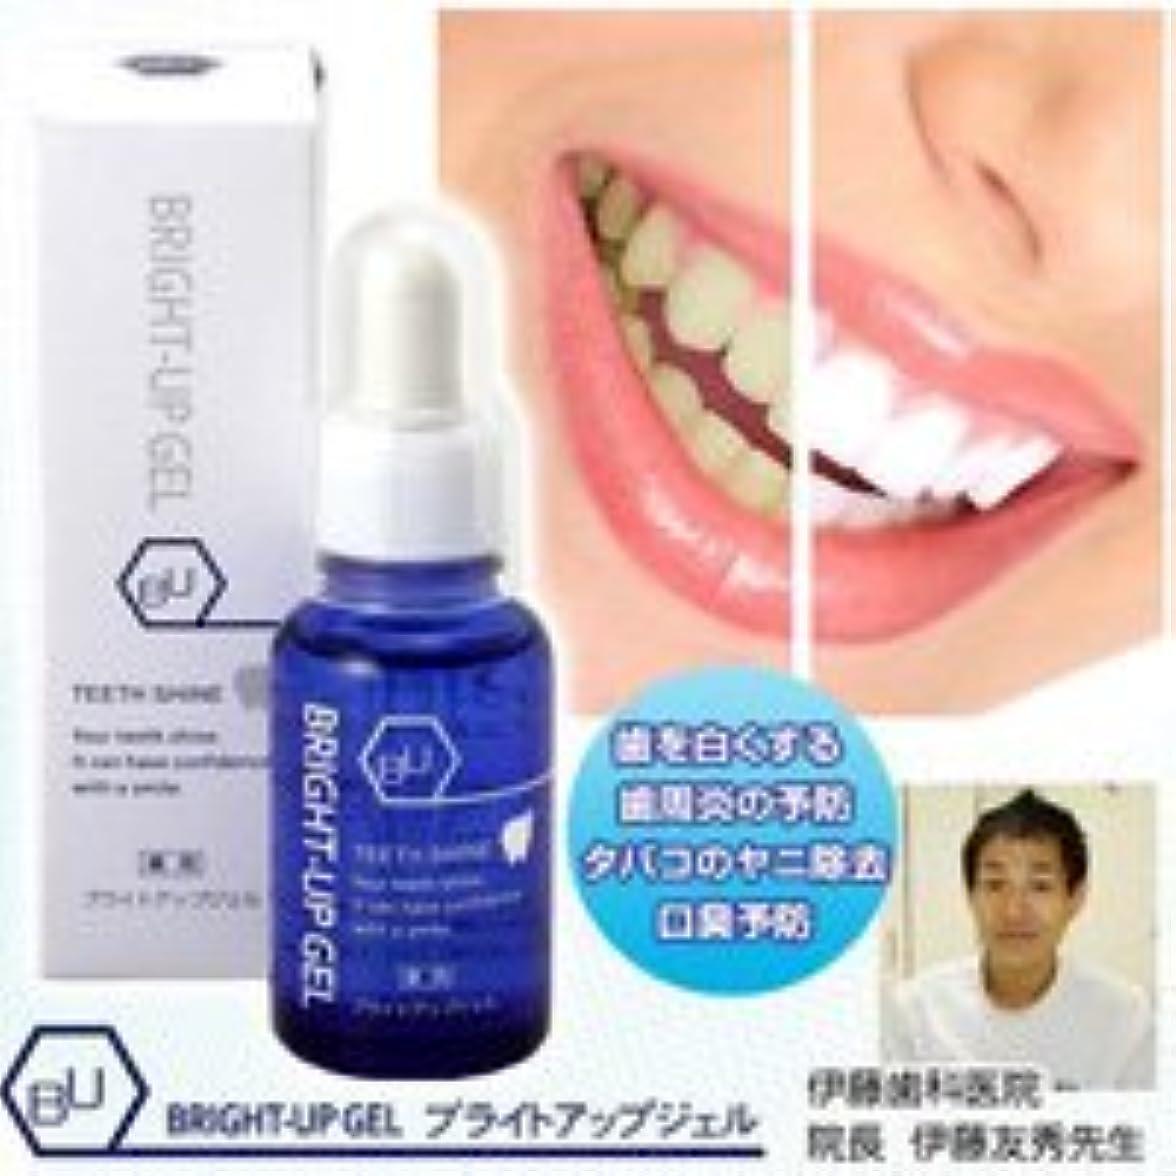 アートインスタントブラザー薬用ブライトアップジェル☆歯科医監修の4つの医薬部外品含有のホワイトニングジェル